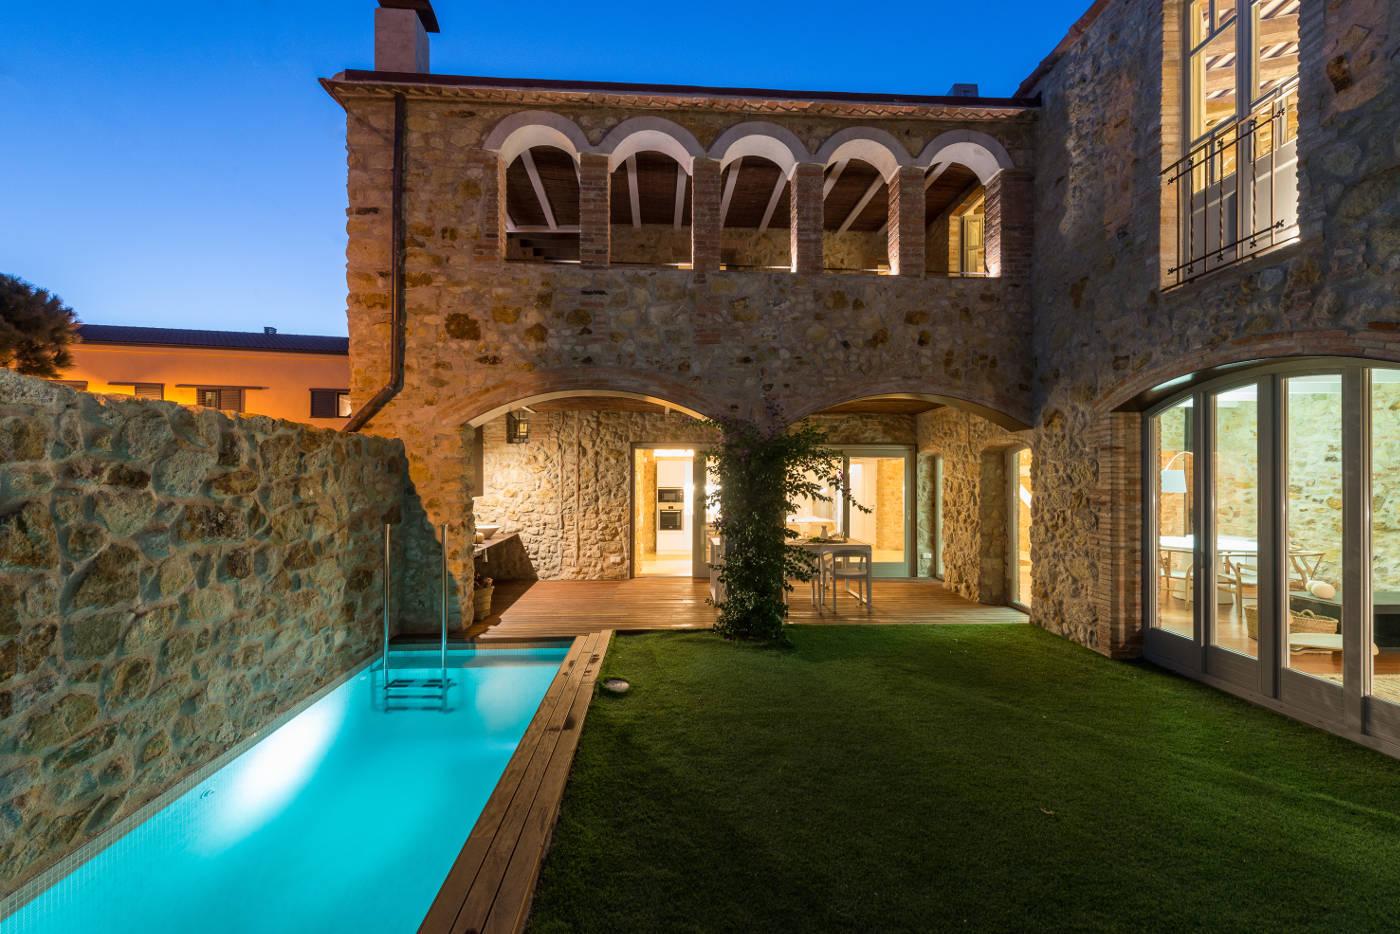 reforma y diseño interior de masias y casas pueblo, gloria duran arquitecto barcelona